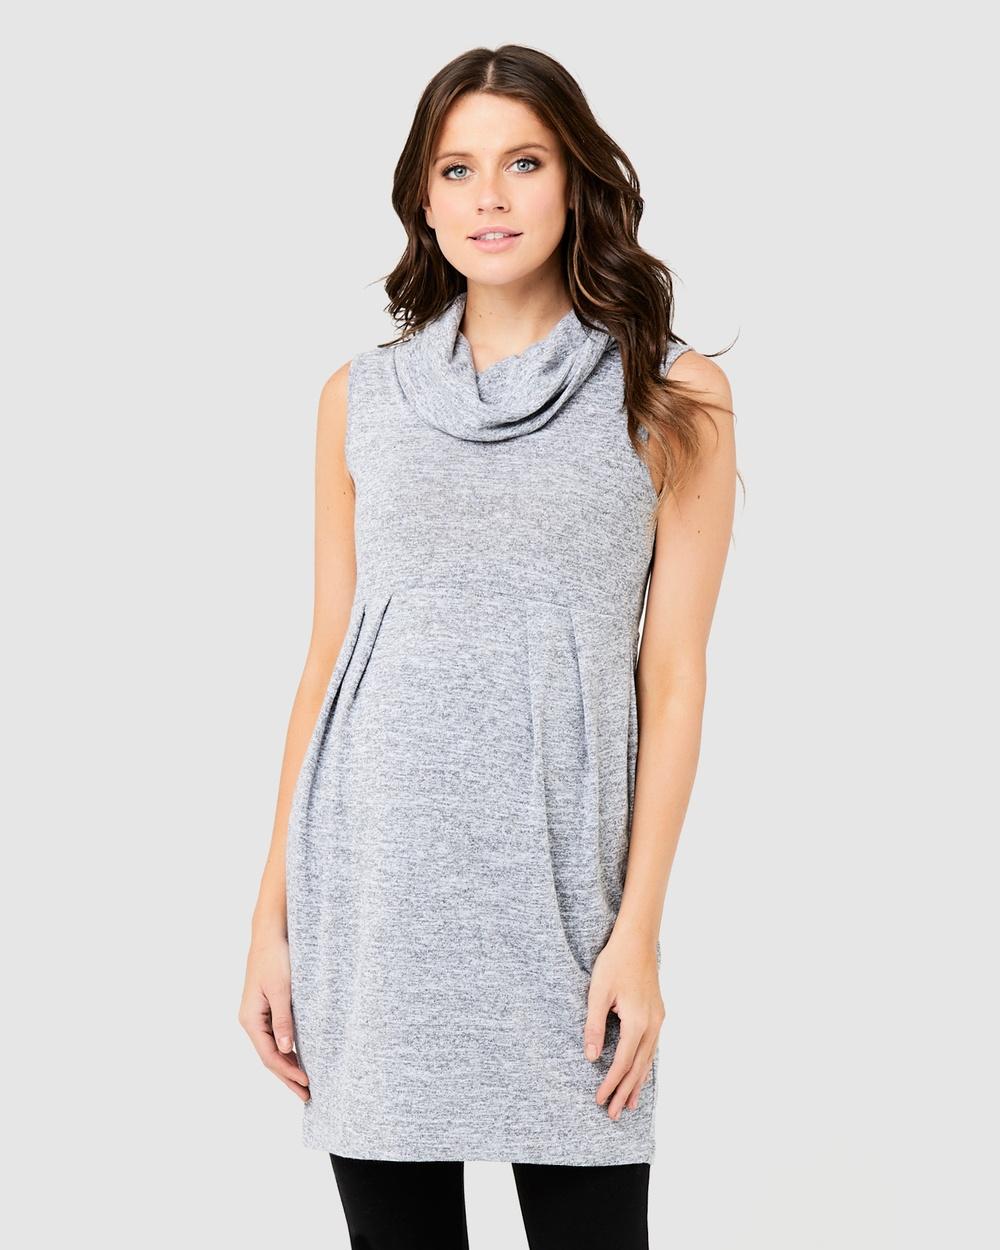 Ripe Maternity - Melange Tunic Dresses (Ash)